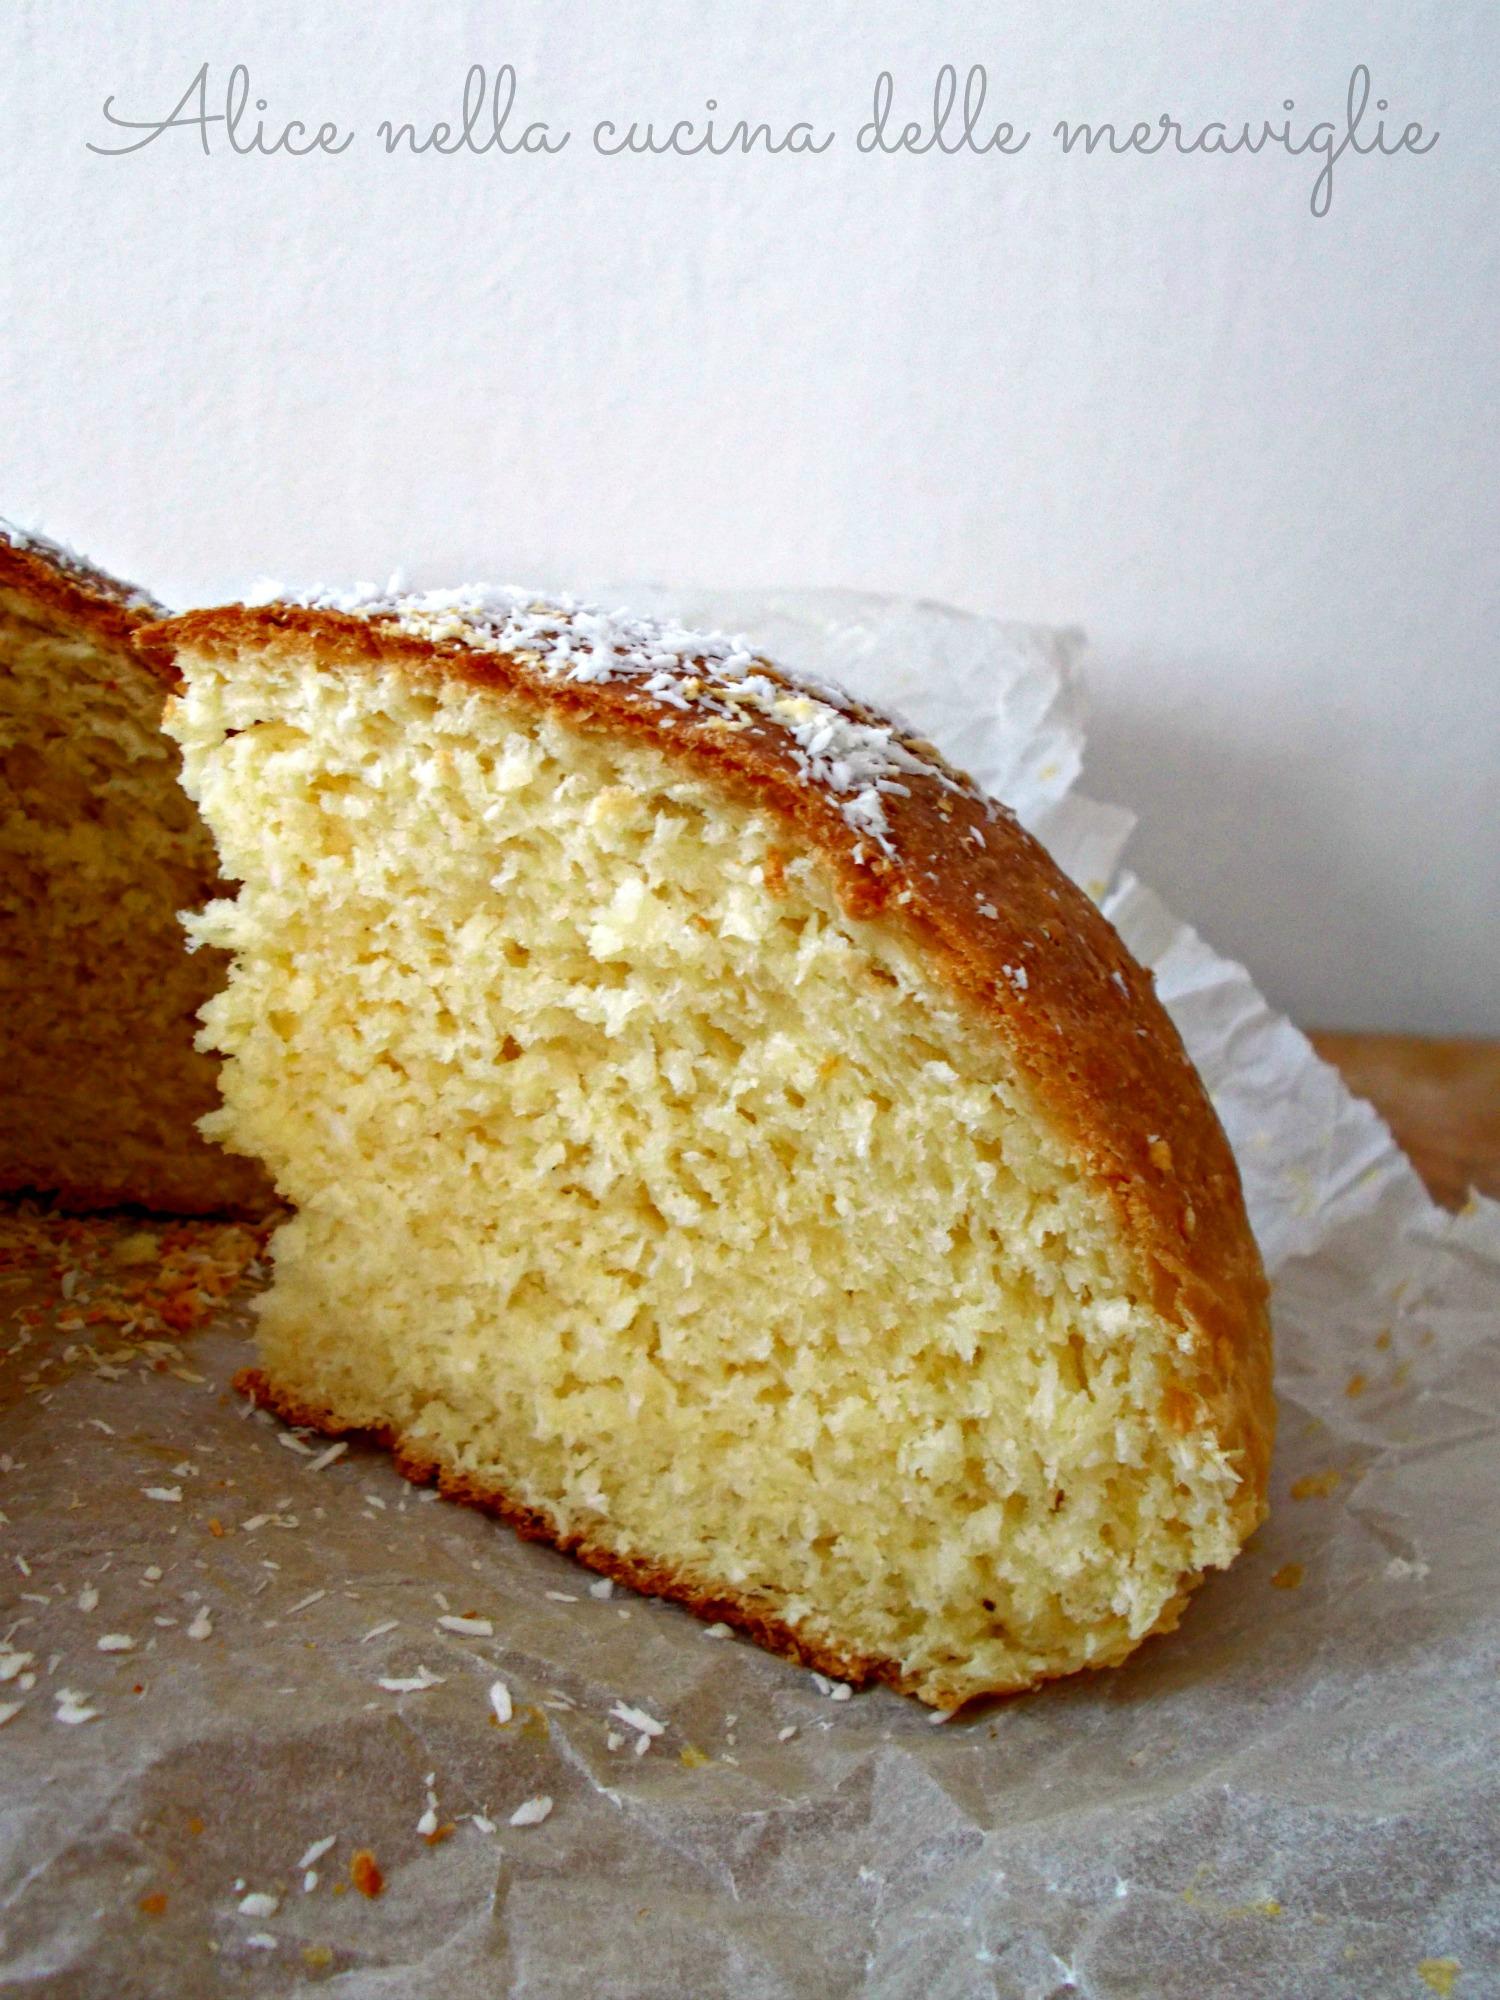 Coconut Brioche Cake Alice nella cucina delle meraviglie